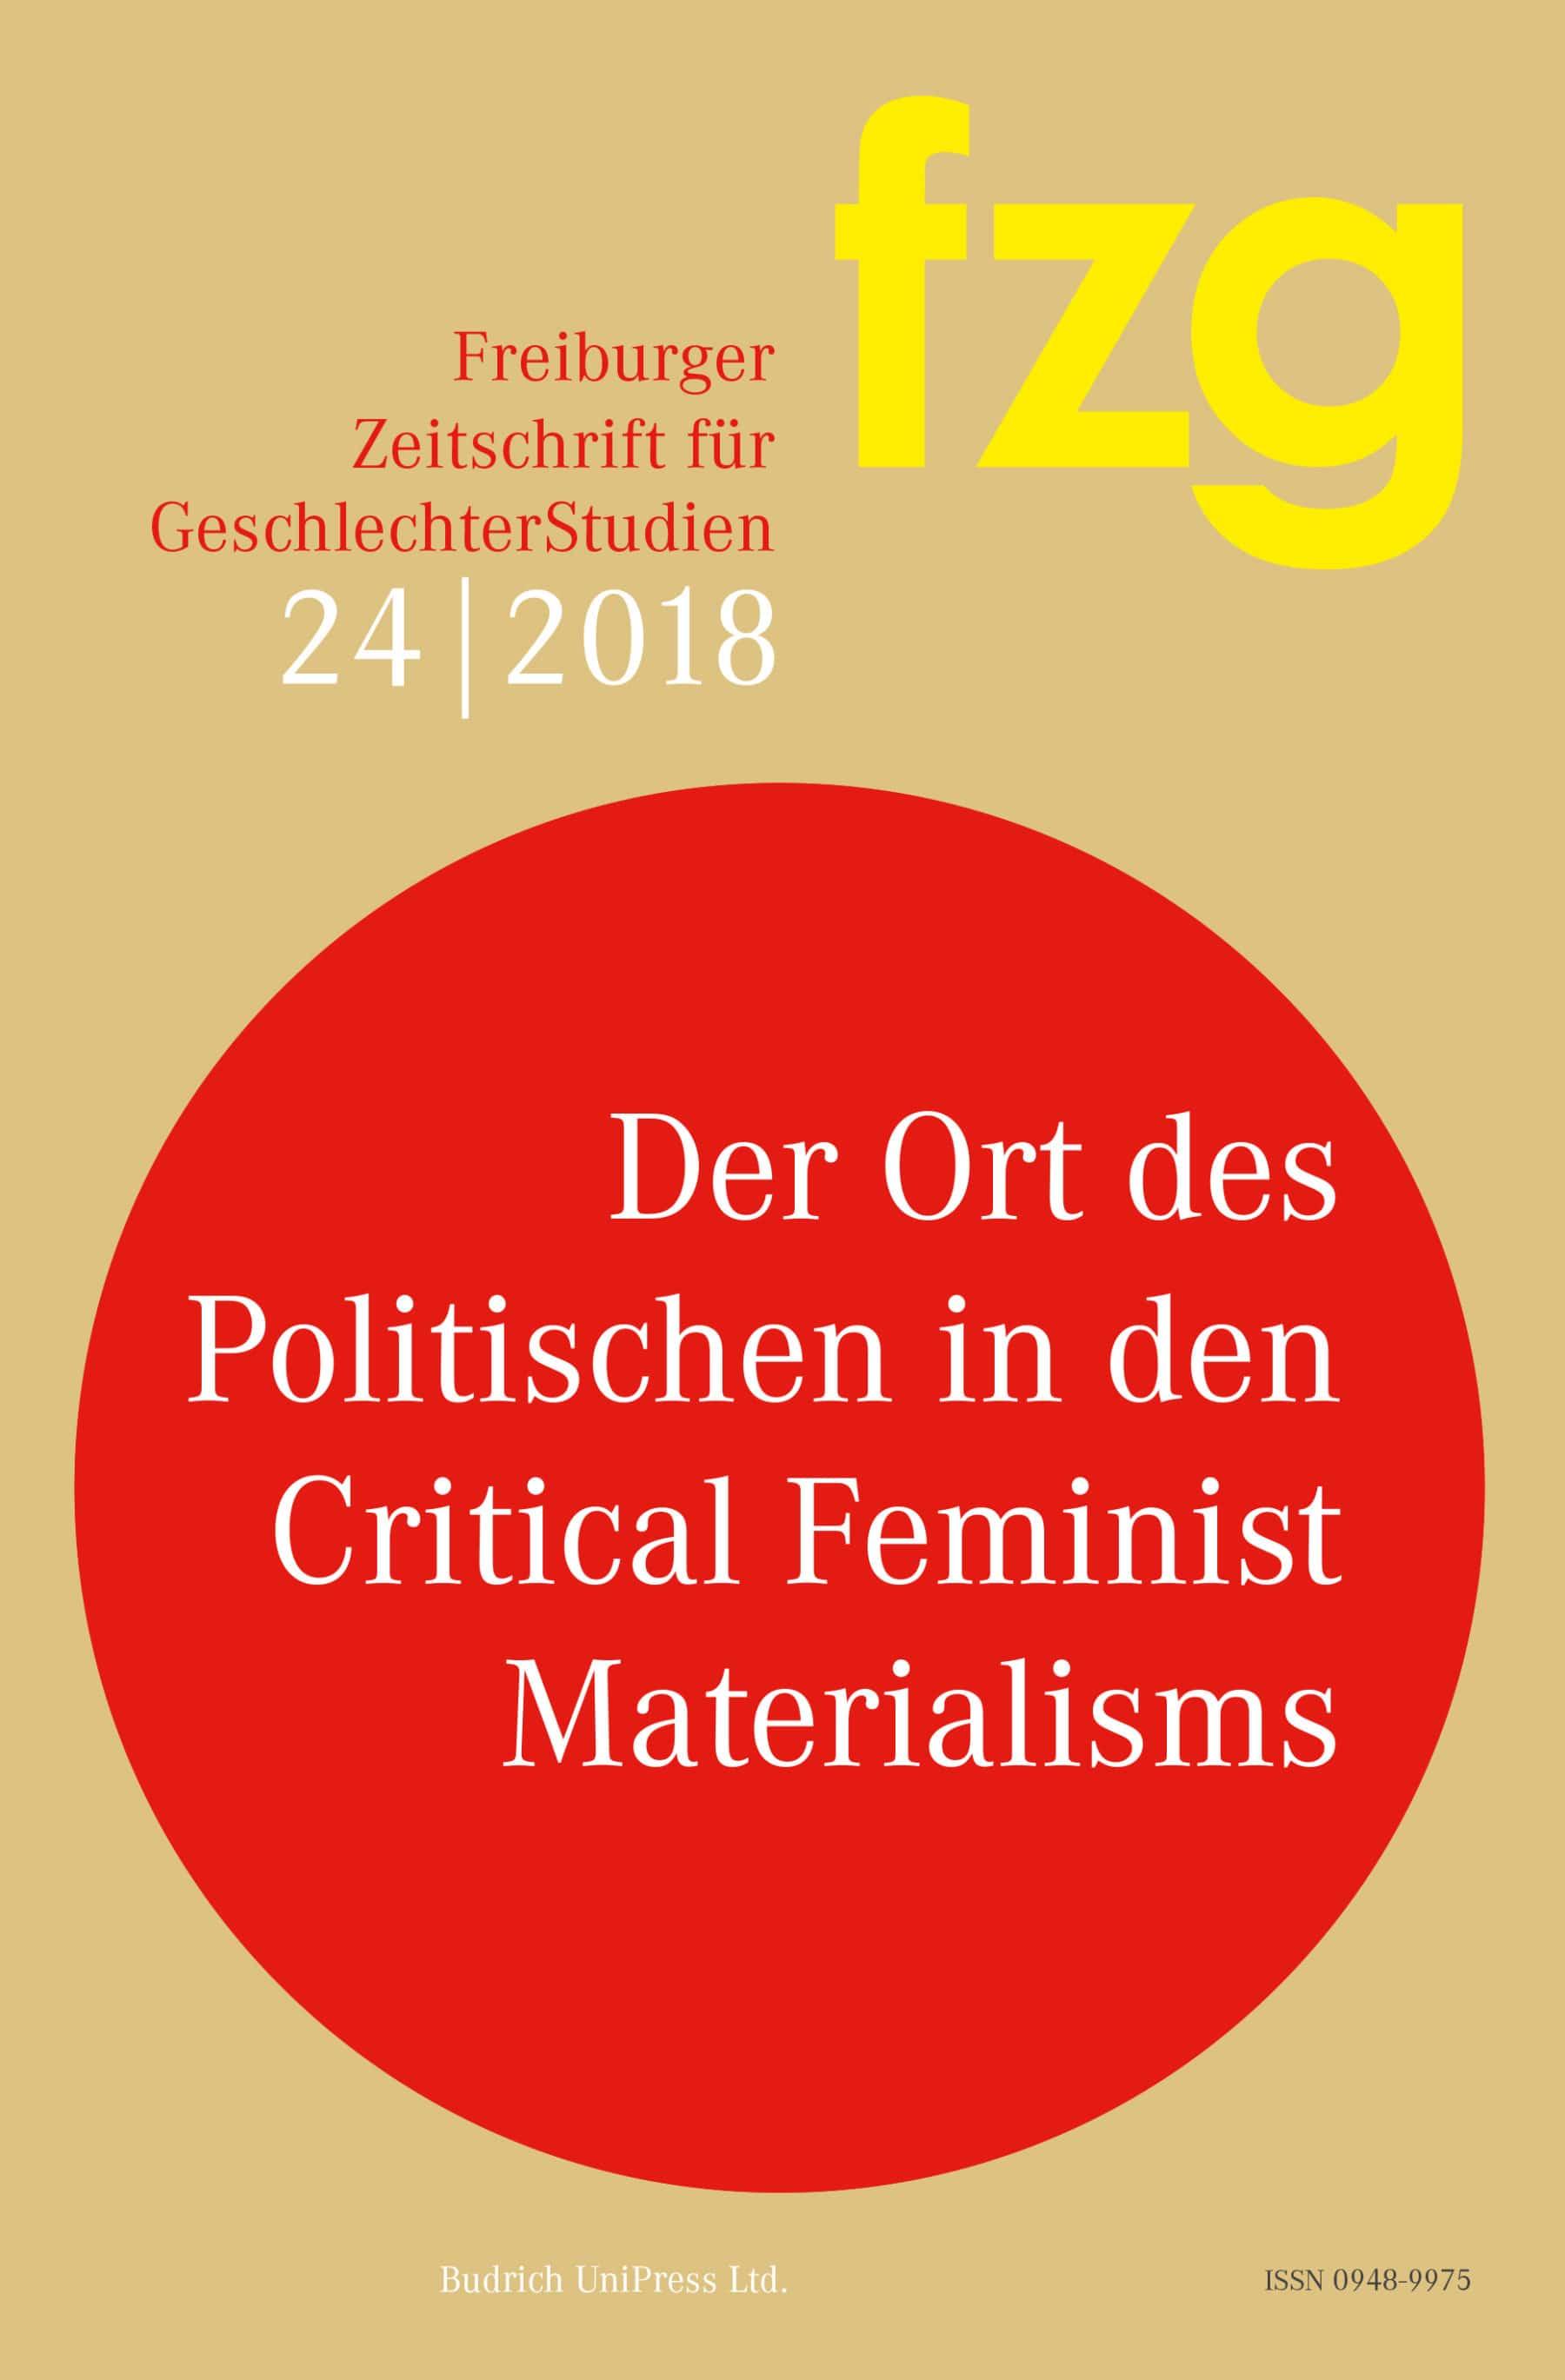 FZG 2018 | Der Ort des Politischen in den Critical Feminist Materialisms